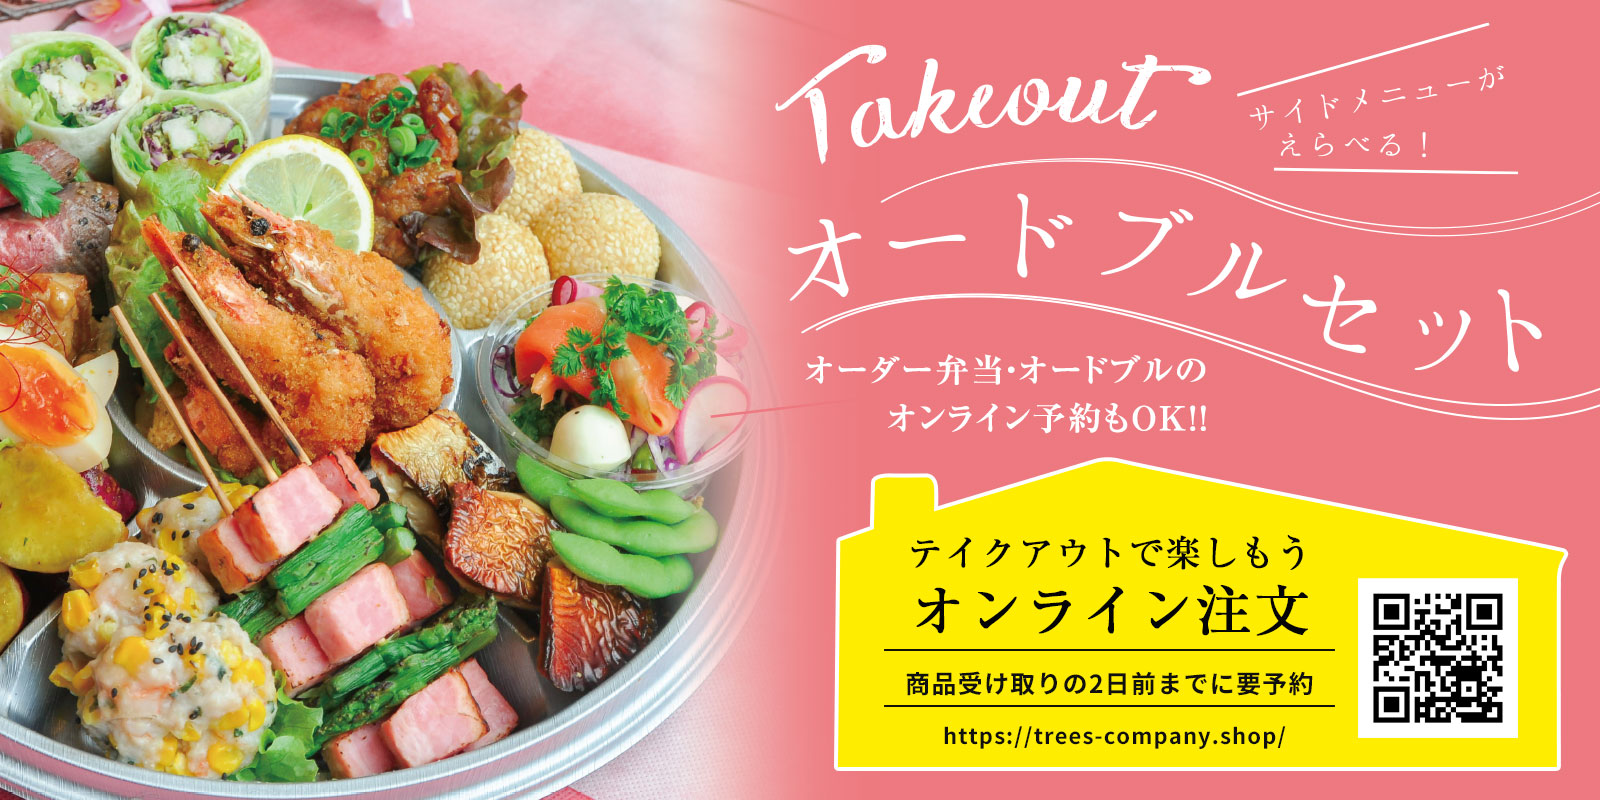 鳥取市のお弁当・オードブル・テイクアウトならニーマート